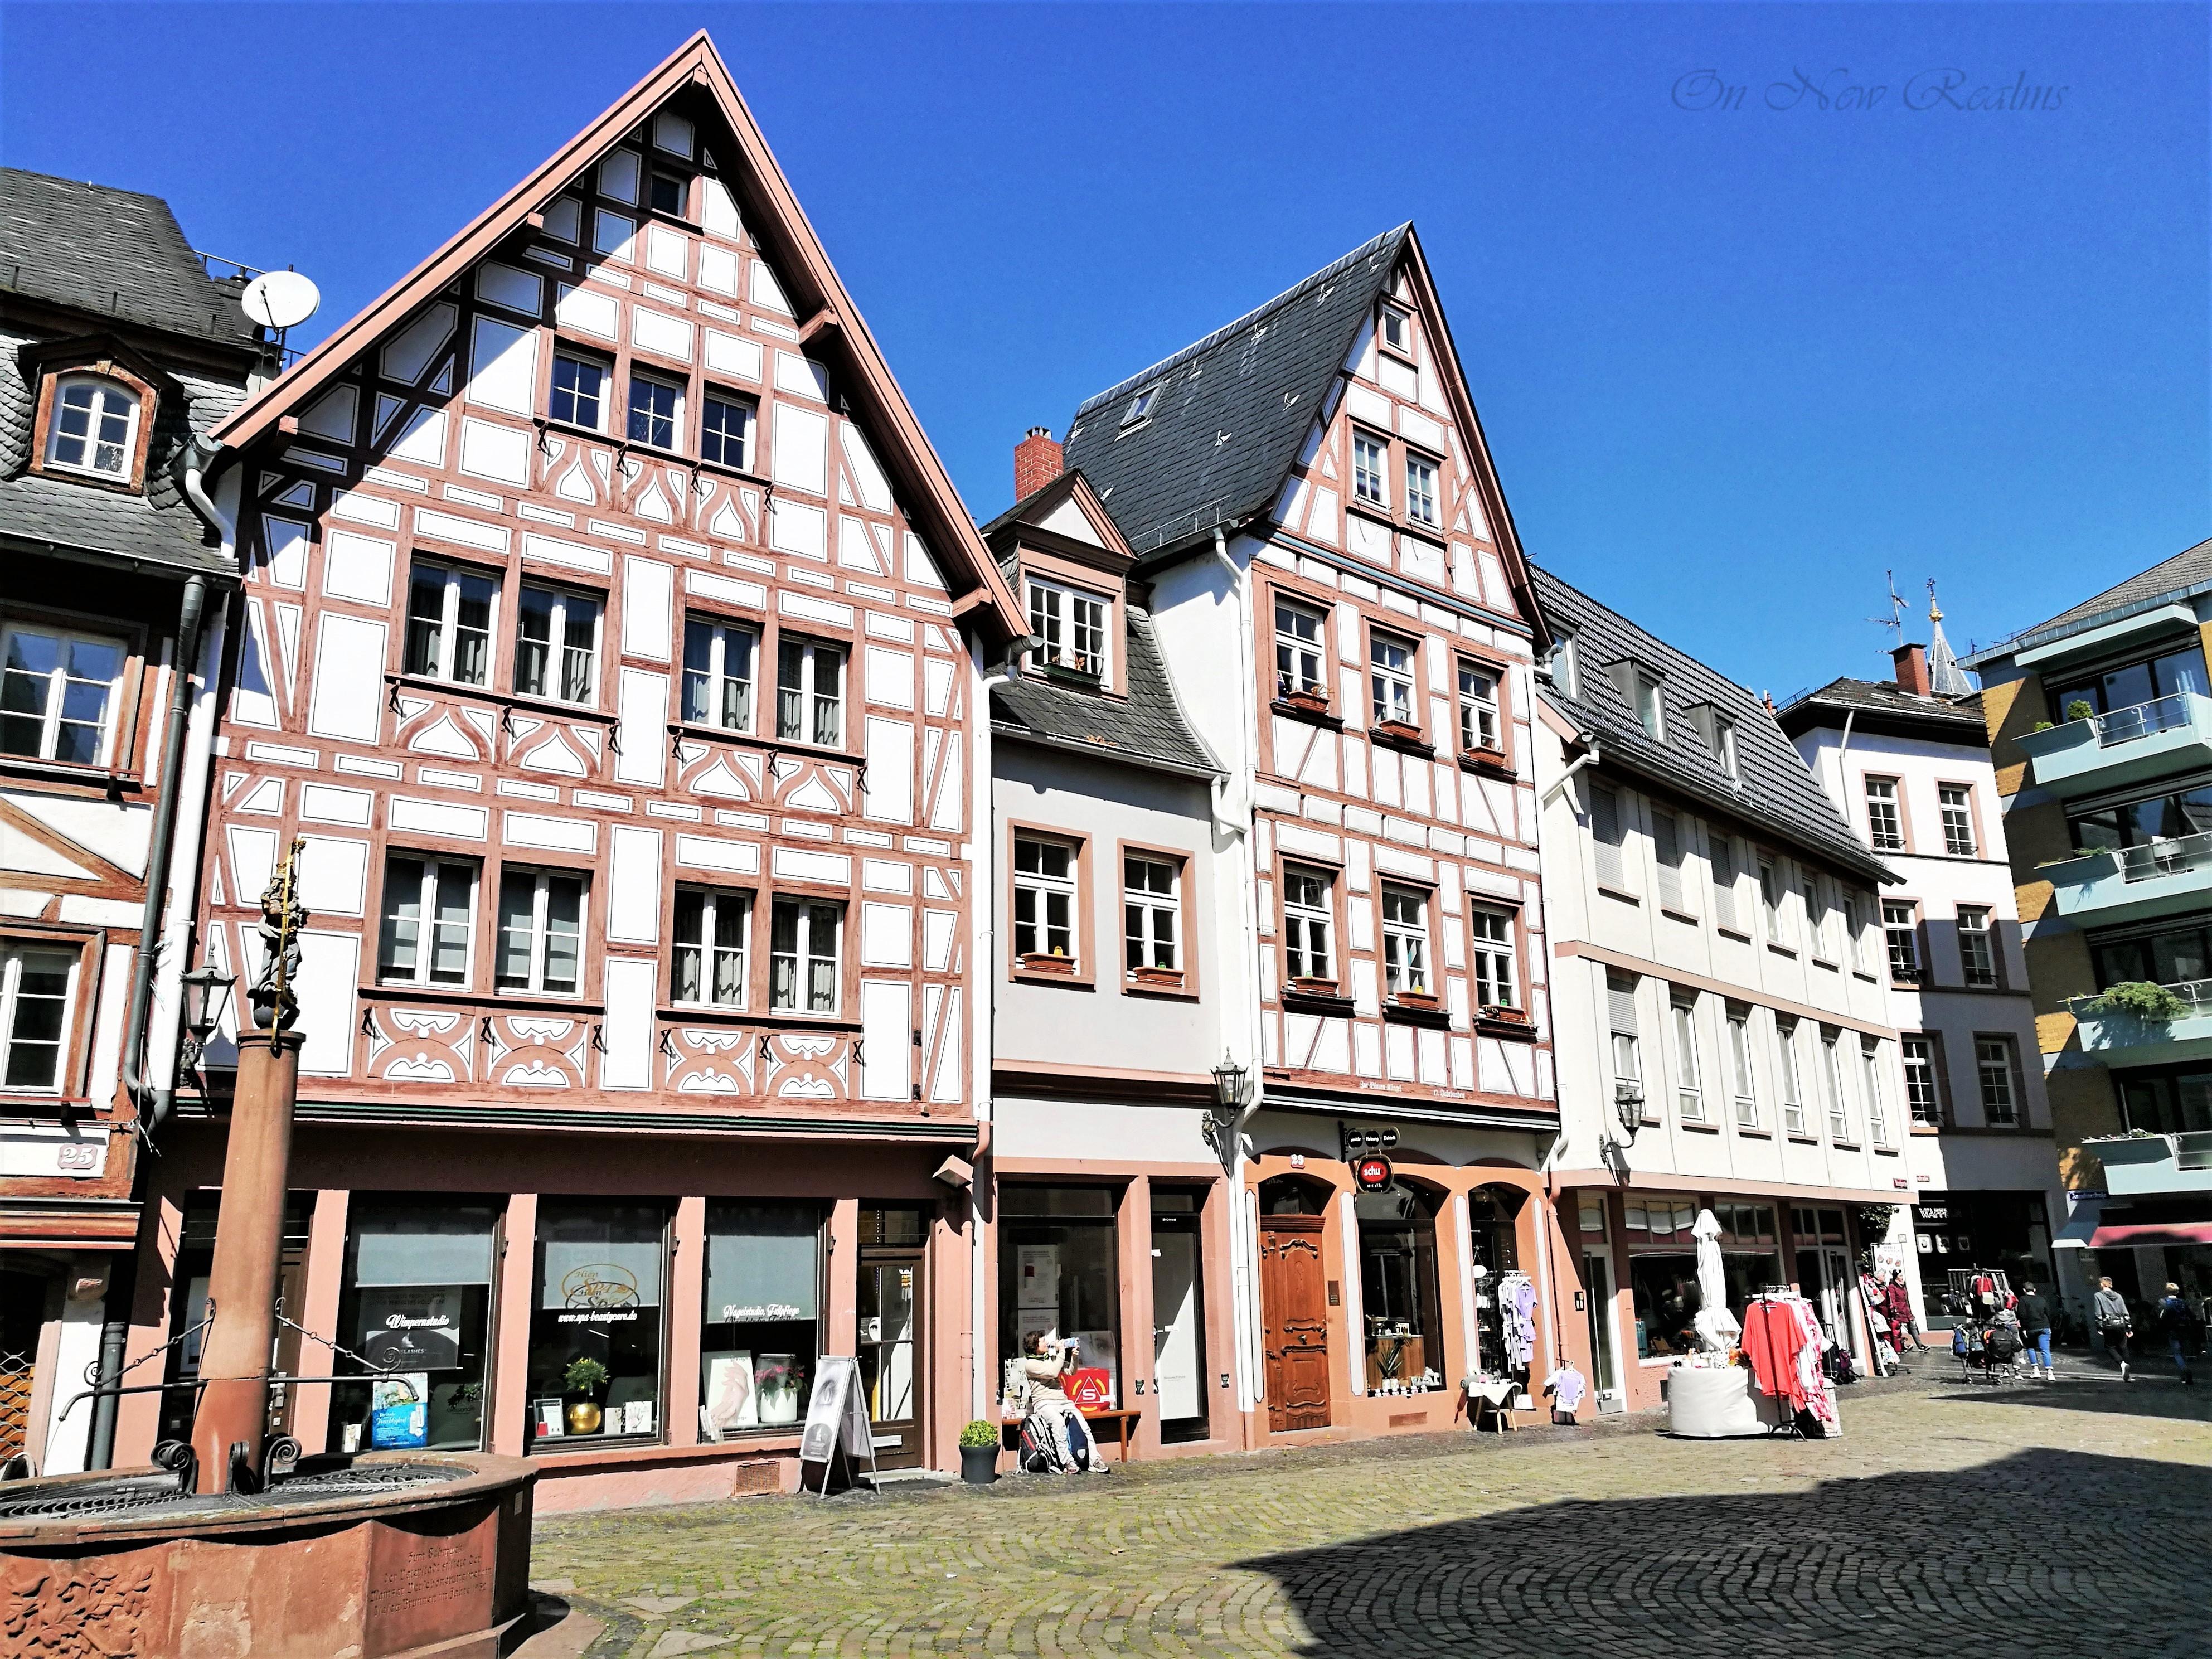 Kirschgarten-Mainz-Germany-3